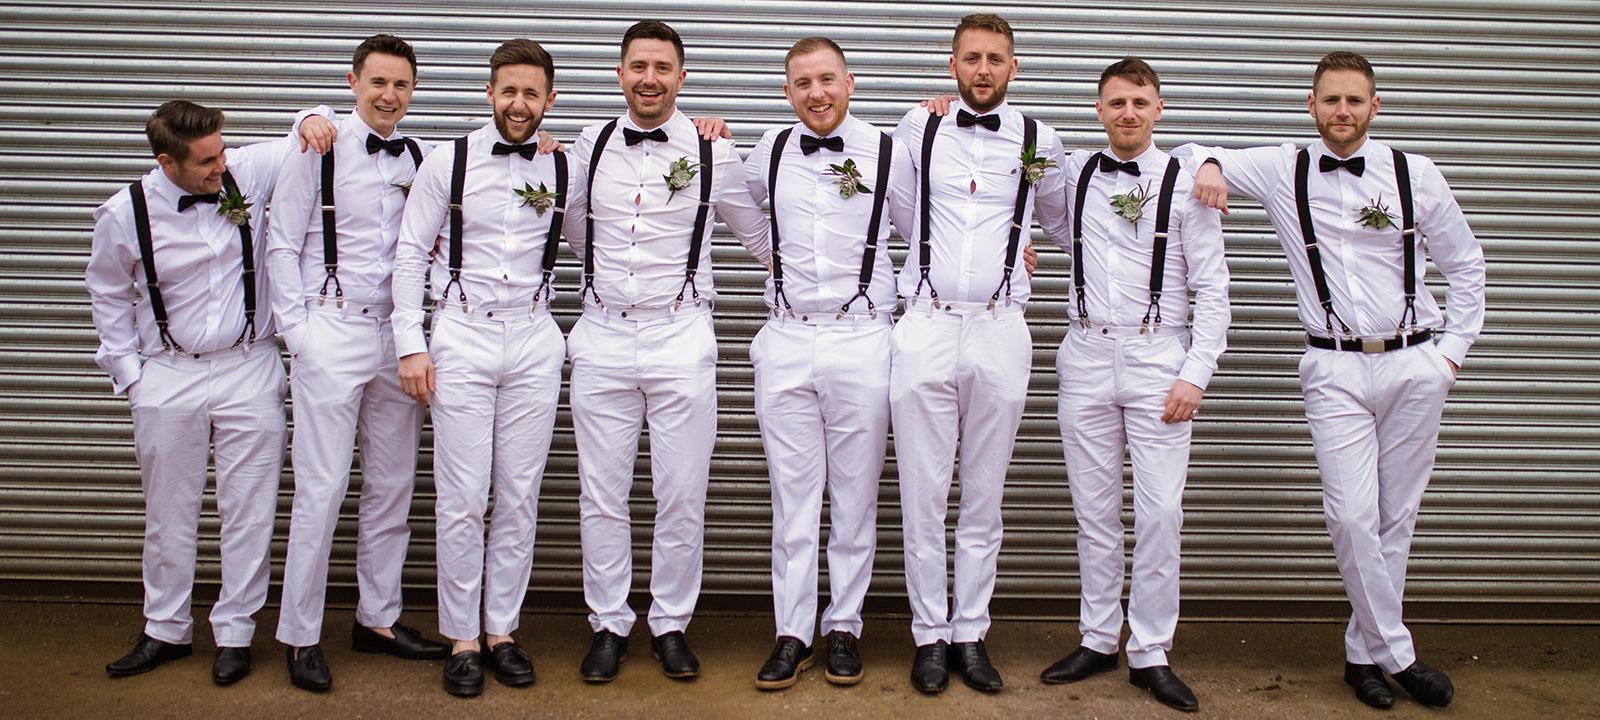 Men in white by Flynn Guard